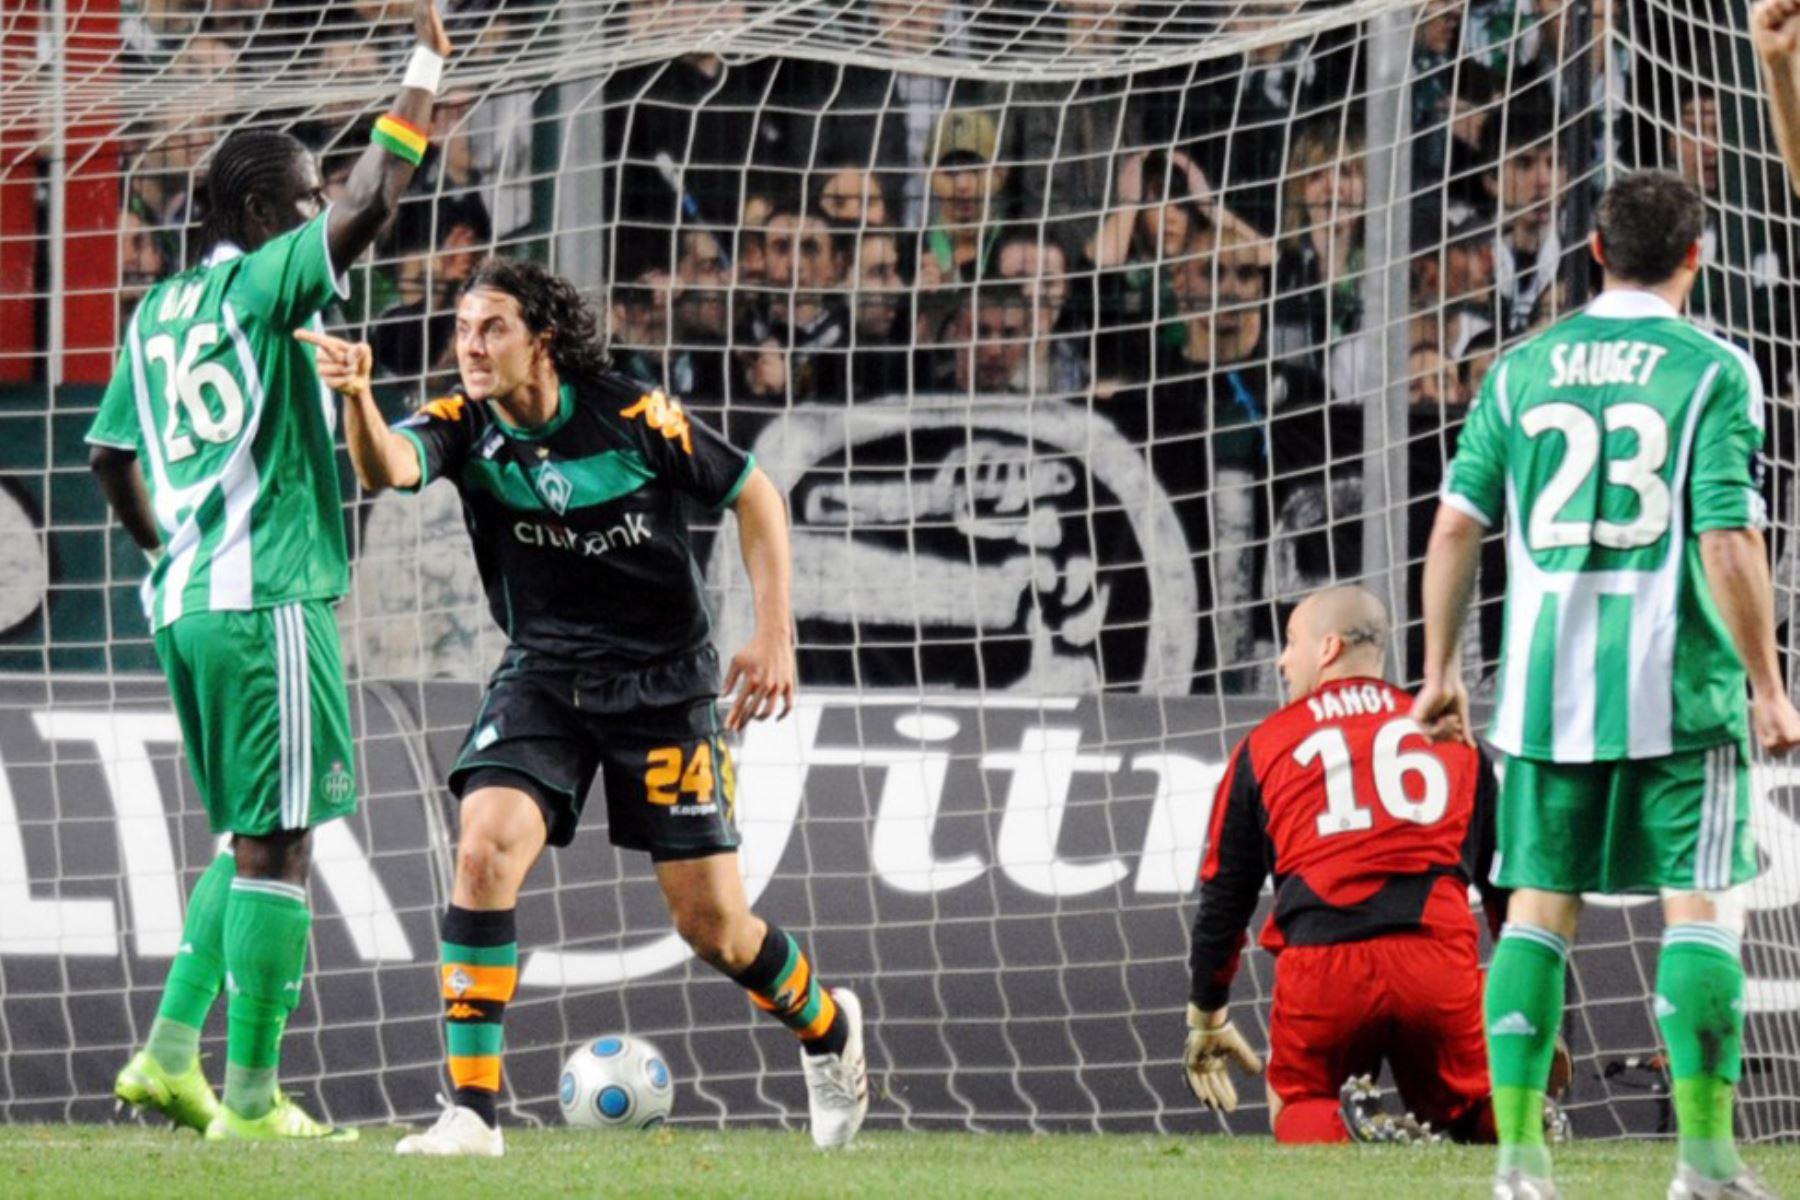 El delantero del Werder Bremen, Claudio Miguel Pizarro celebra tras marcar un gol durante el partido de fútbol de la Copa de la UEFA Saint-Etienne contra el Werder Bremen. Foto: AFP